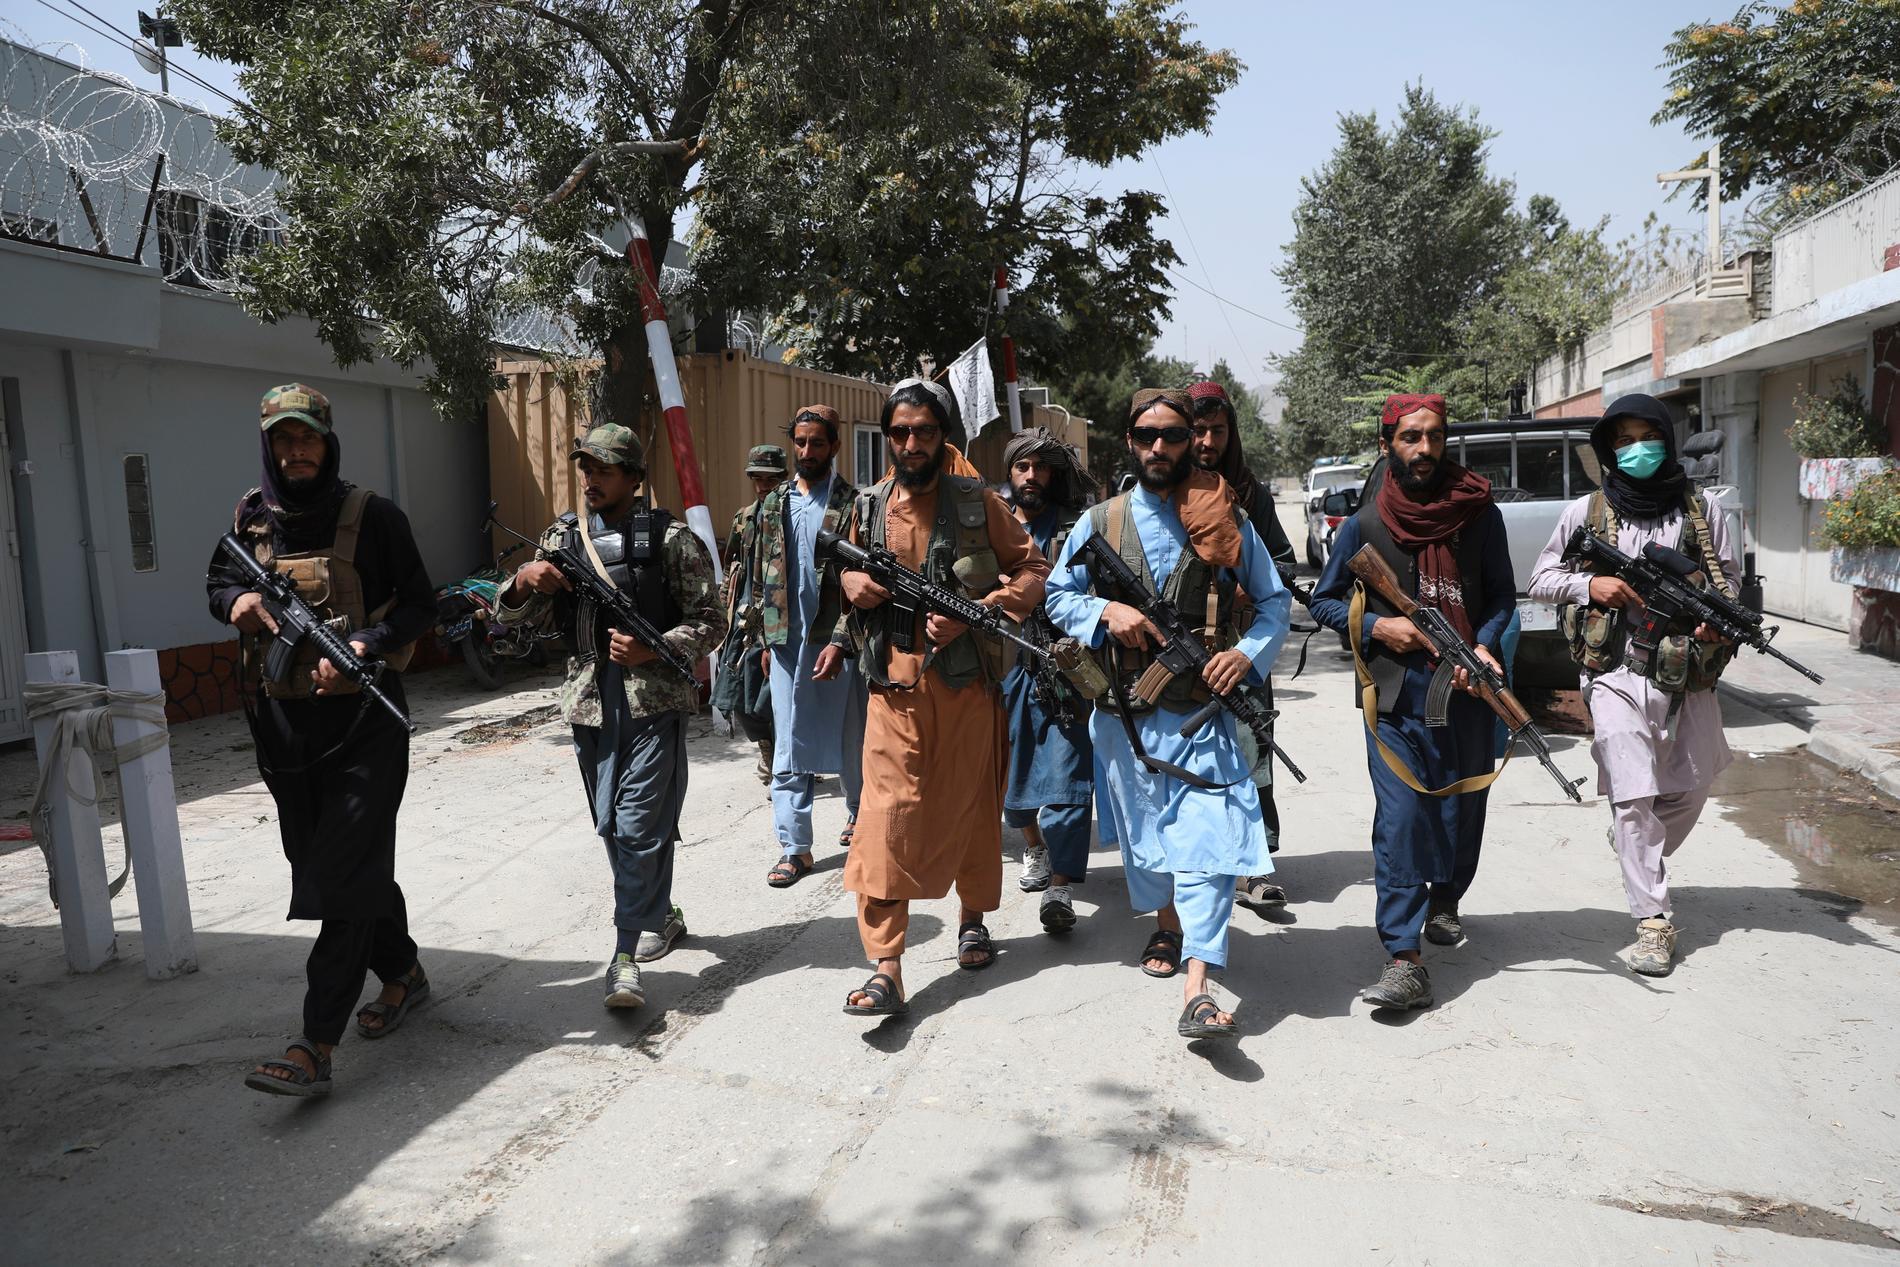 Talibanska krigare sprider skräck i på gatorna i Kabul, Afghanistan.